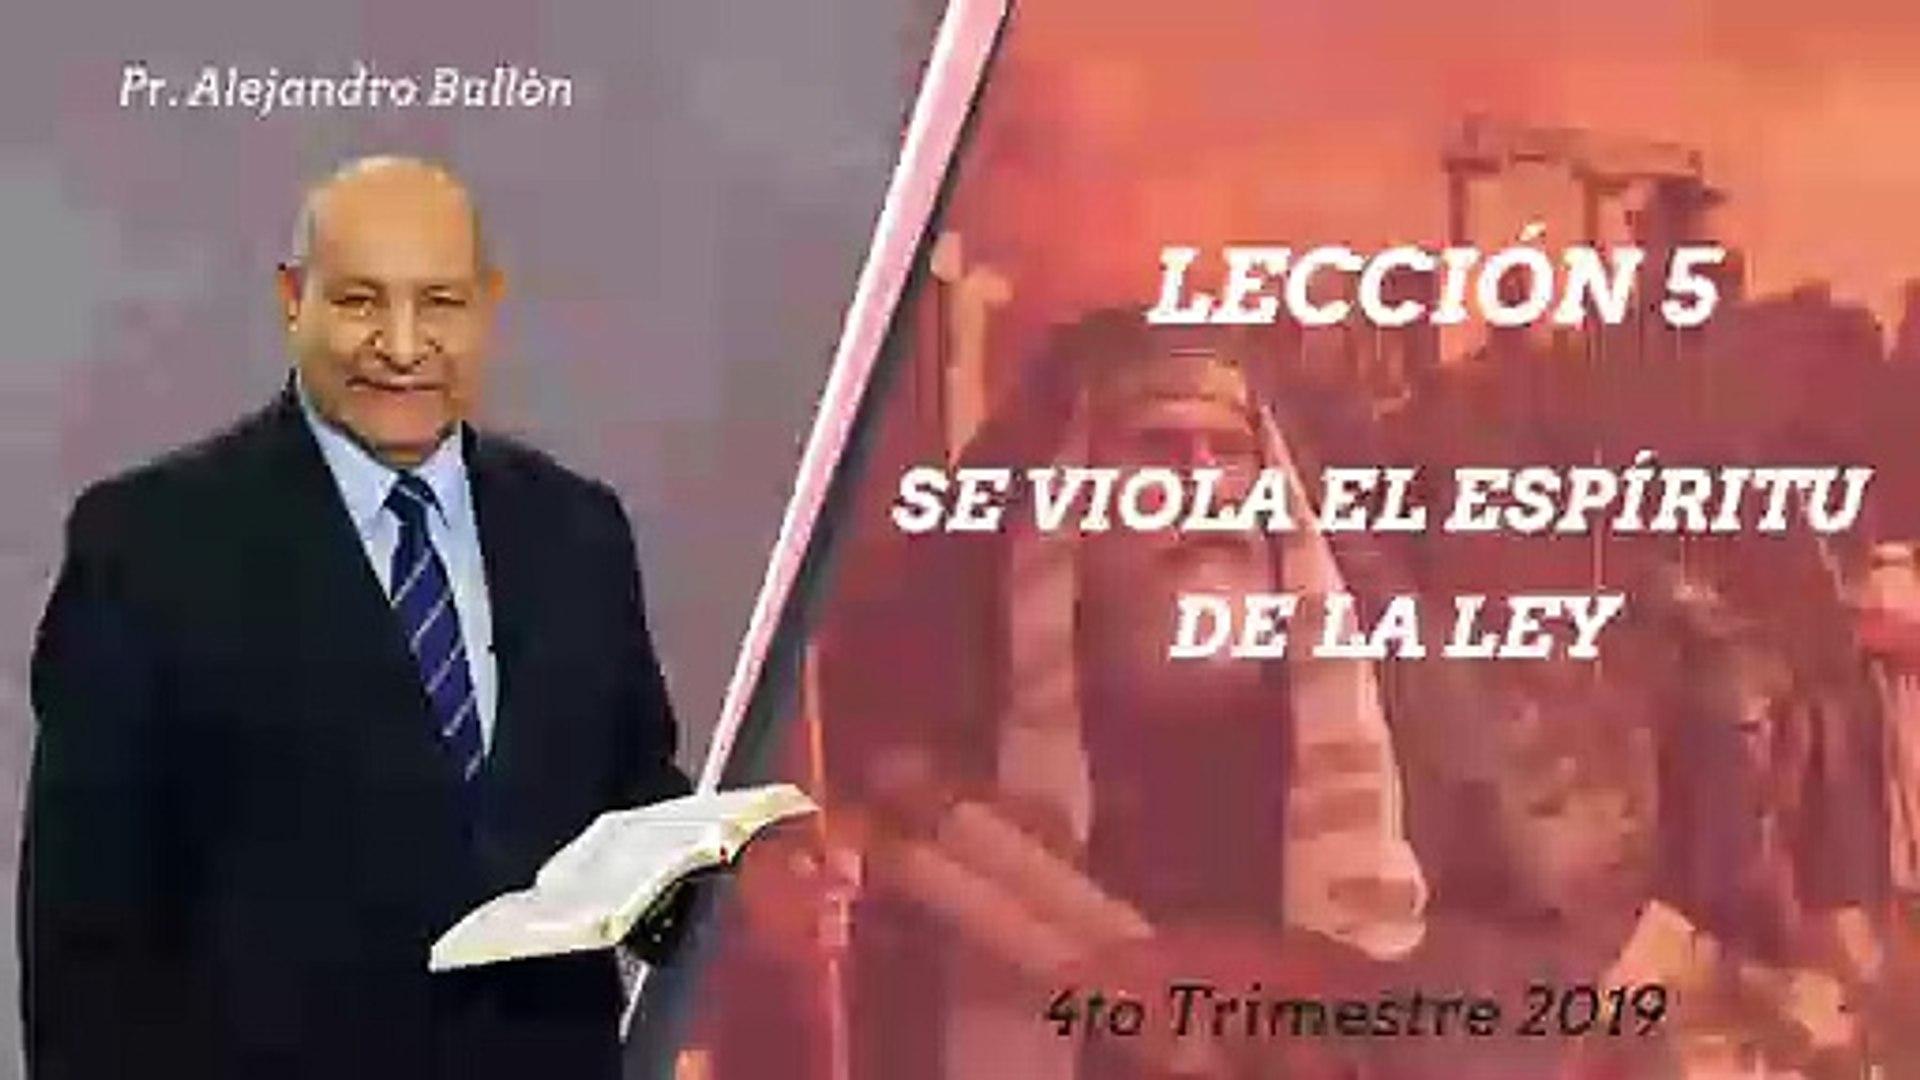 Repaso Leccion 5: Se viola el espiritu de la Ley - Pr. Alejandro Bullon